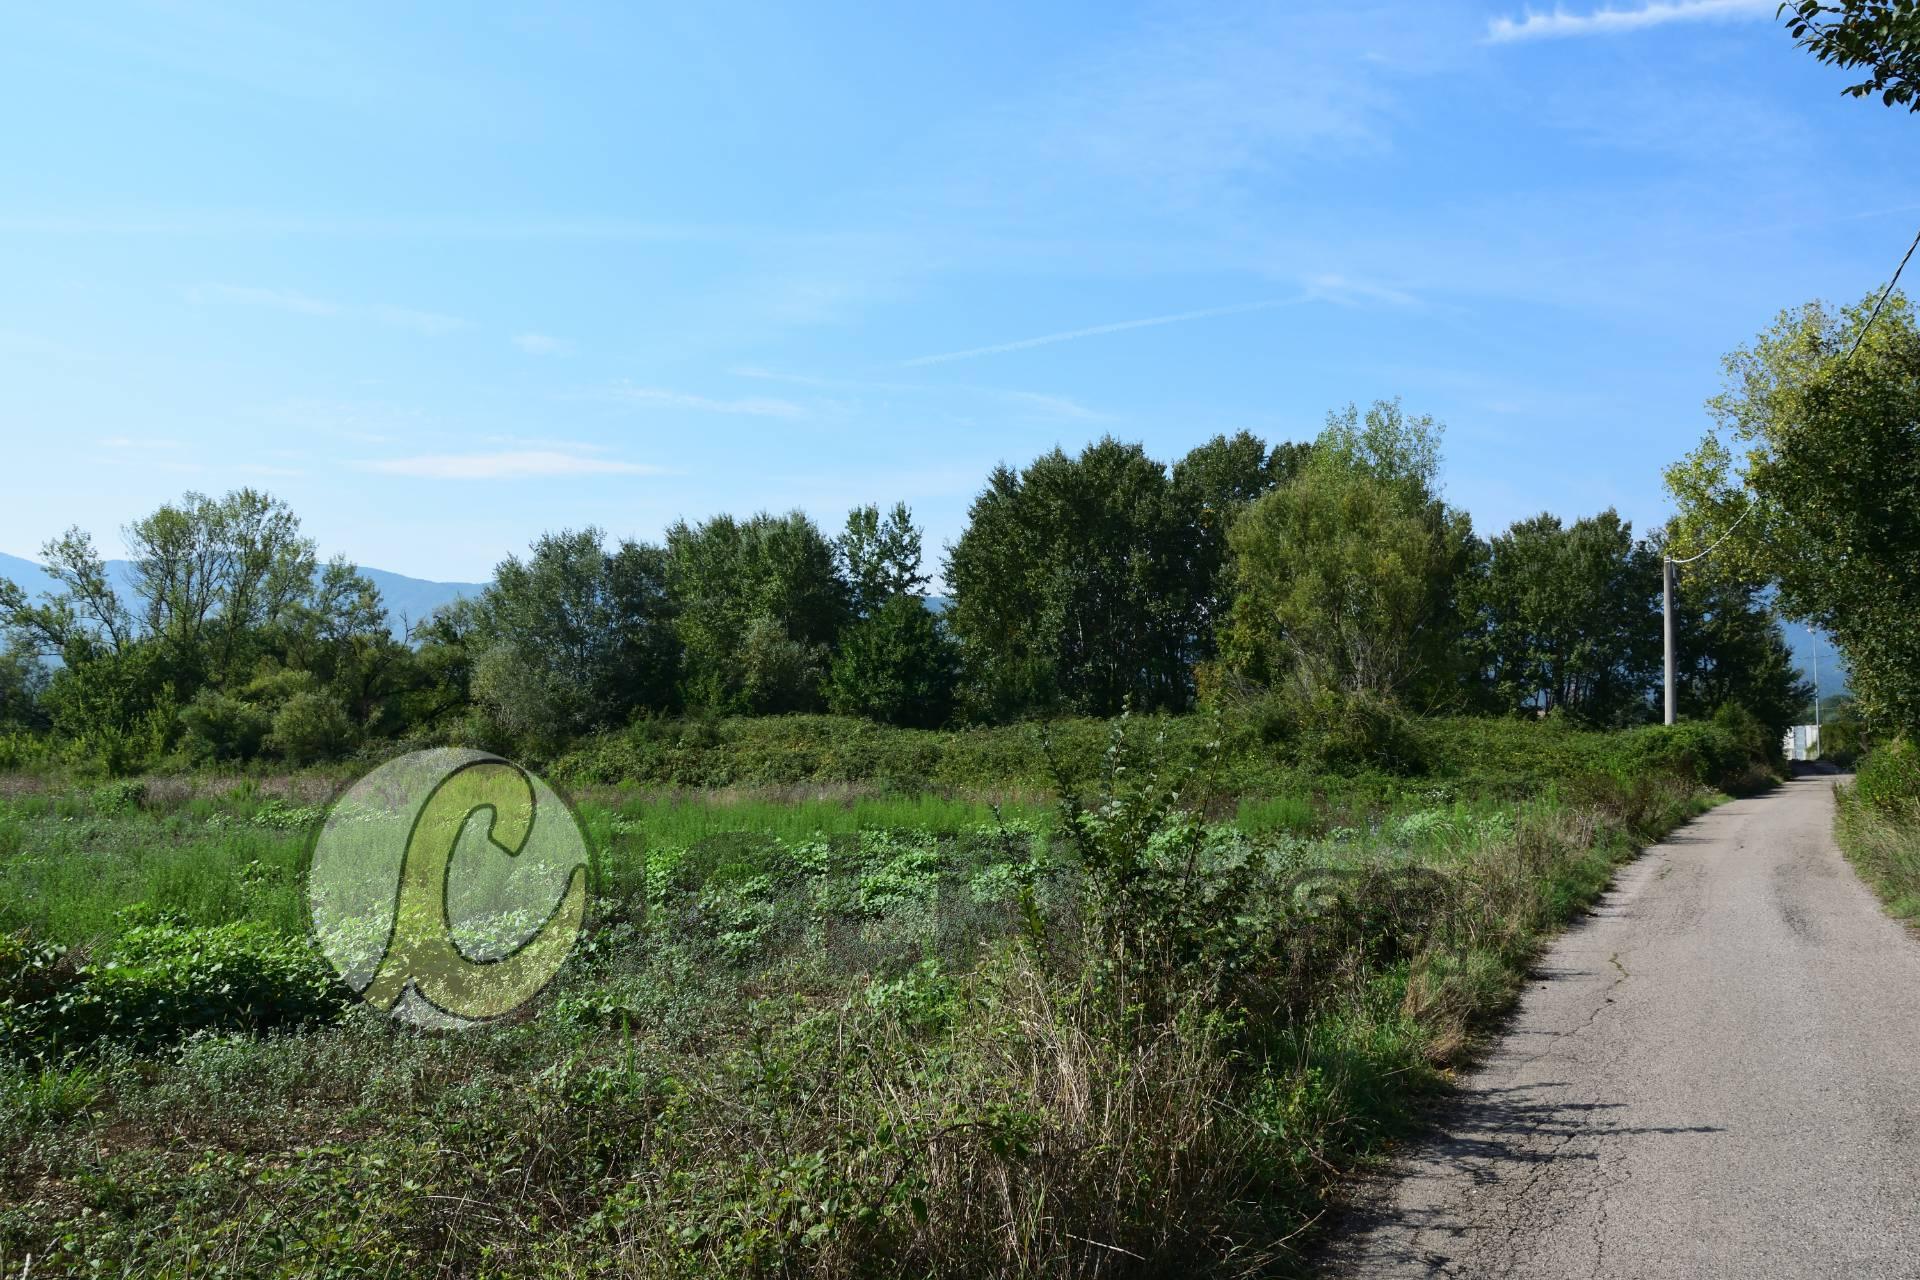 Terreno Edificabile Residenziale in vendita a Pignataro Interamna, 9999 locali, zona Località: Ausonia, prezzo € 90.000 | CambioCasa.it